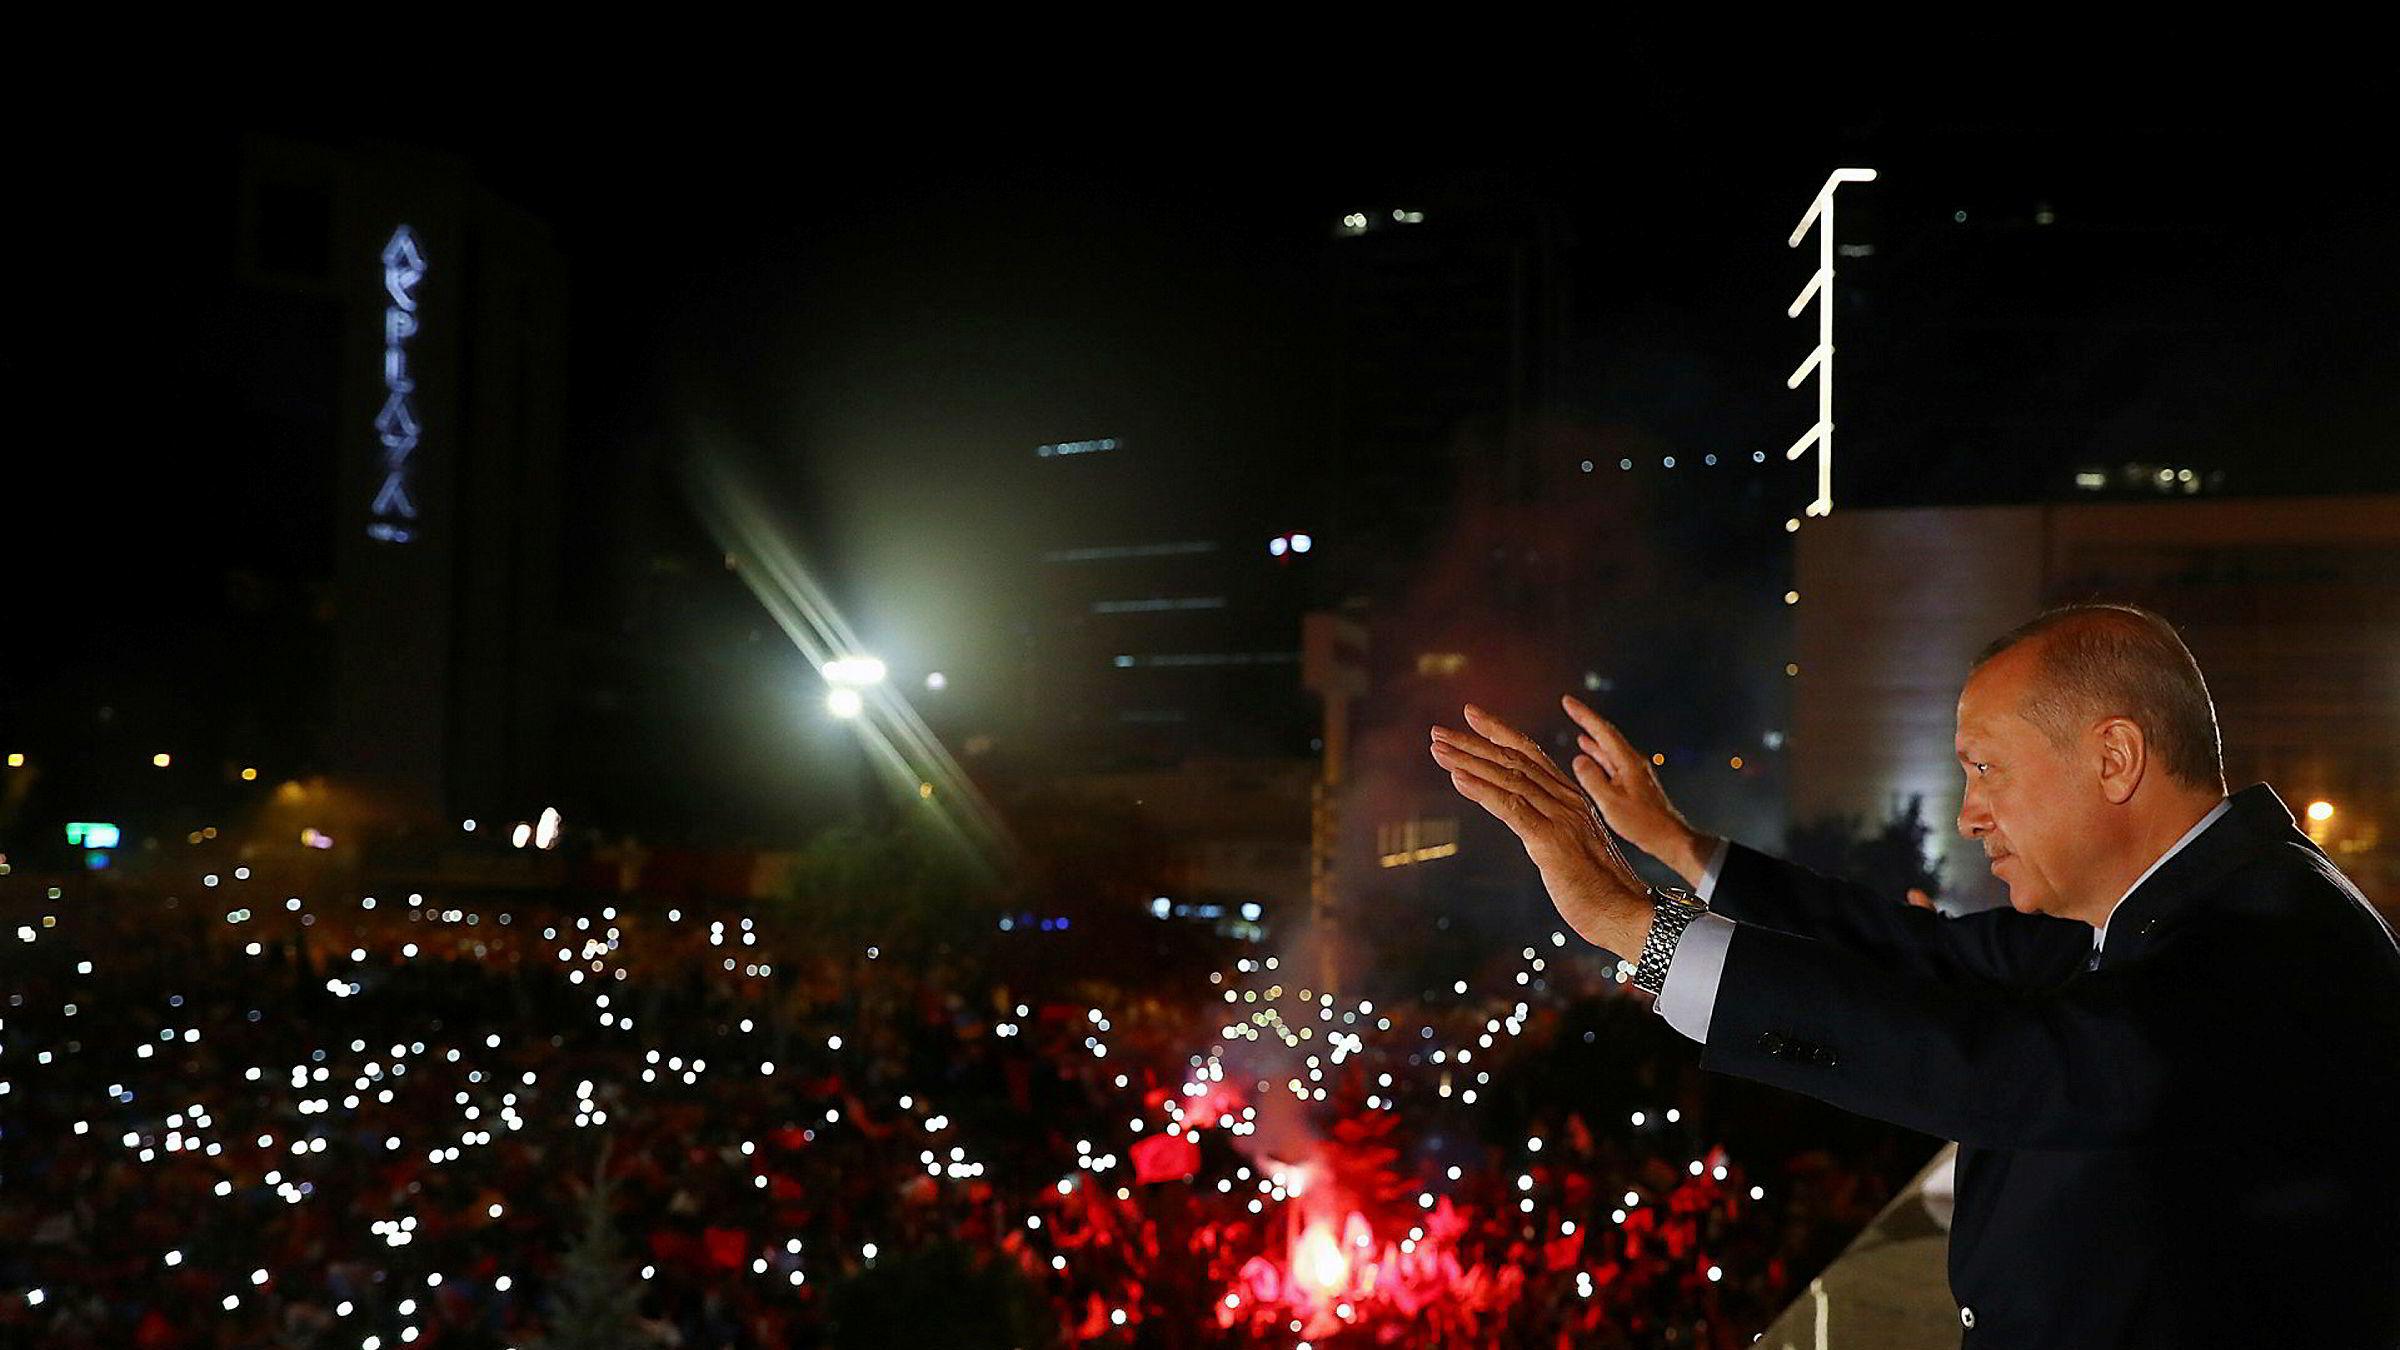 Tyrkias president, Recep Tayyip Erdogan, vinker til sine tilhengere tidlig mandag morgen etter at han erklærte seier etter valget som var på søndag.